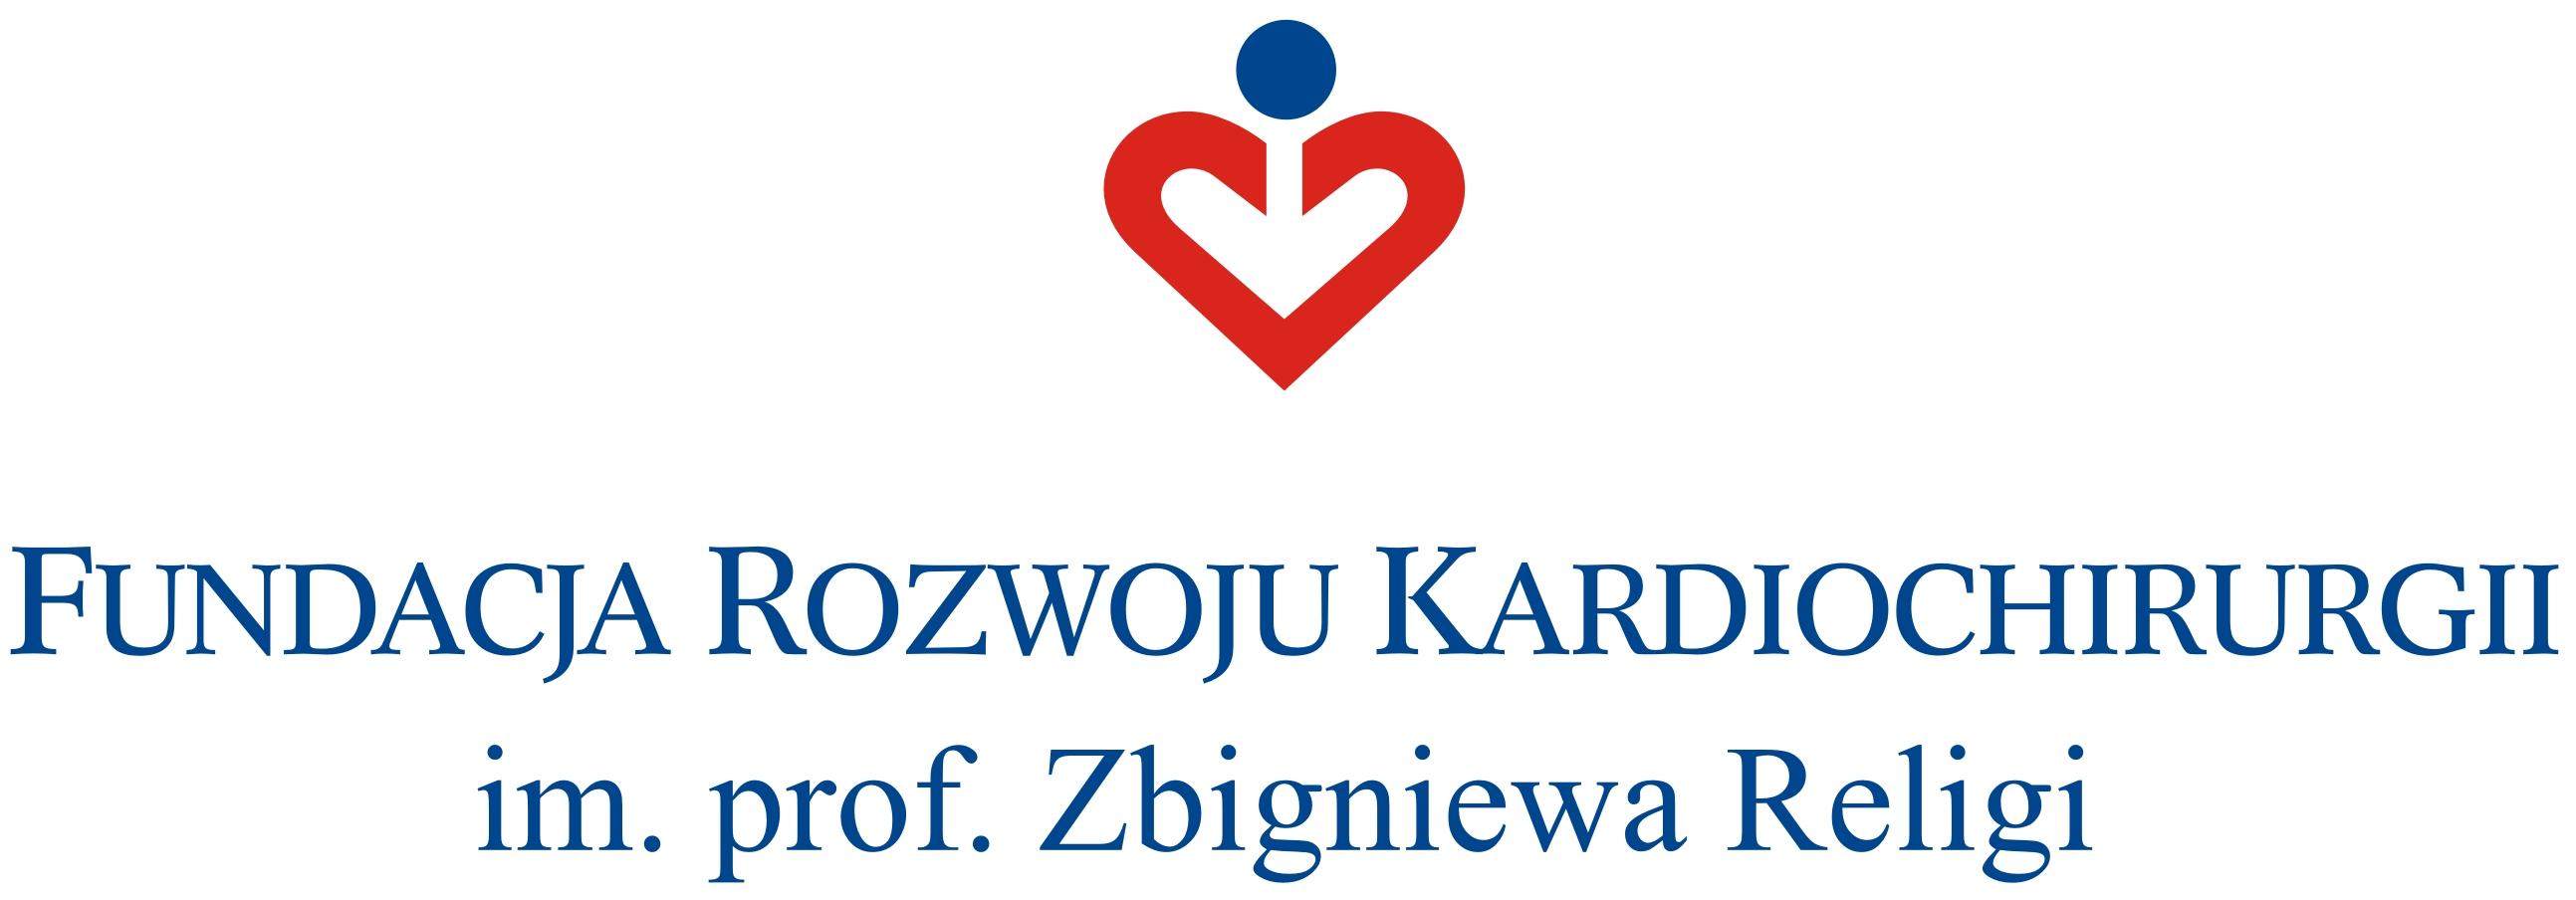 logo i napis duze POPRAWIONE FRK